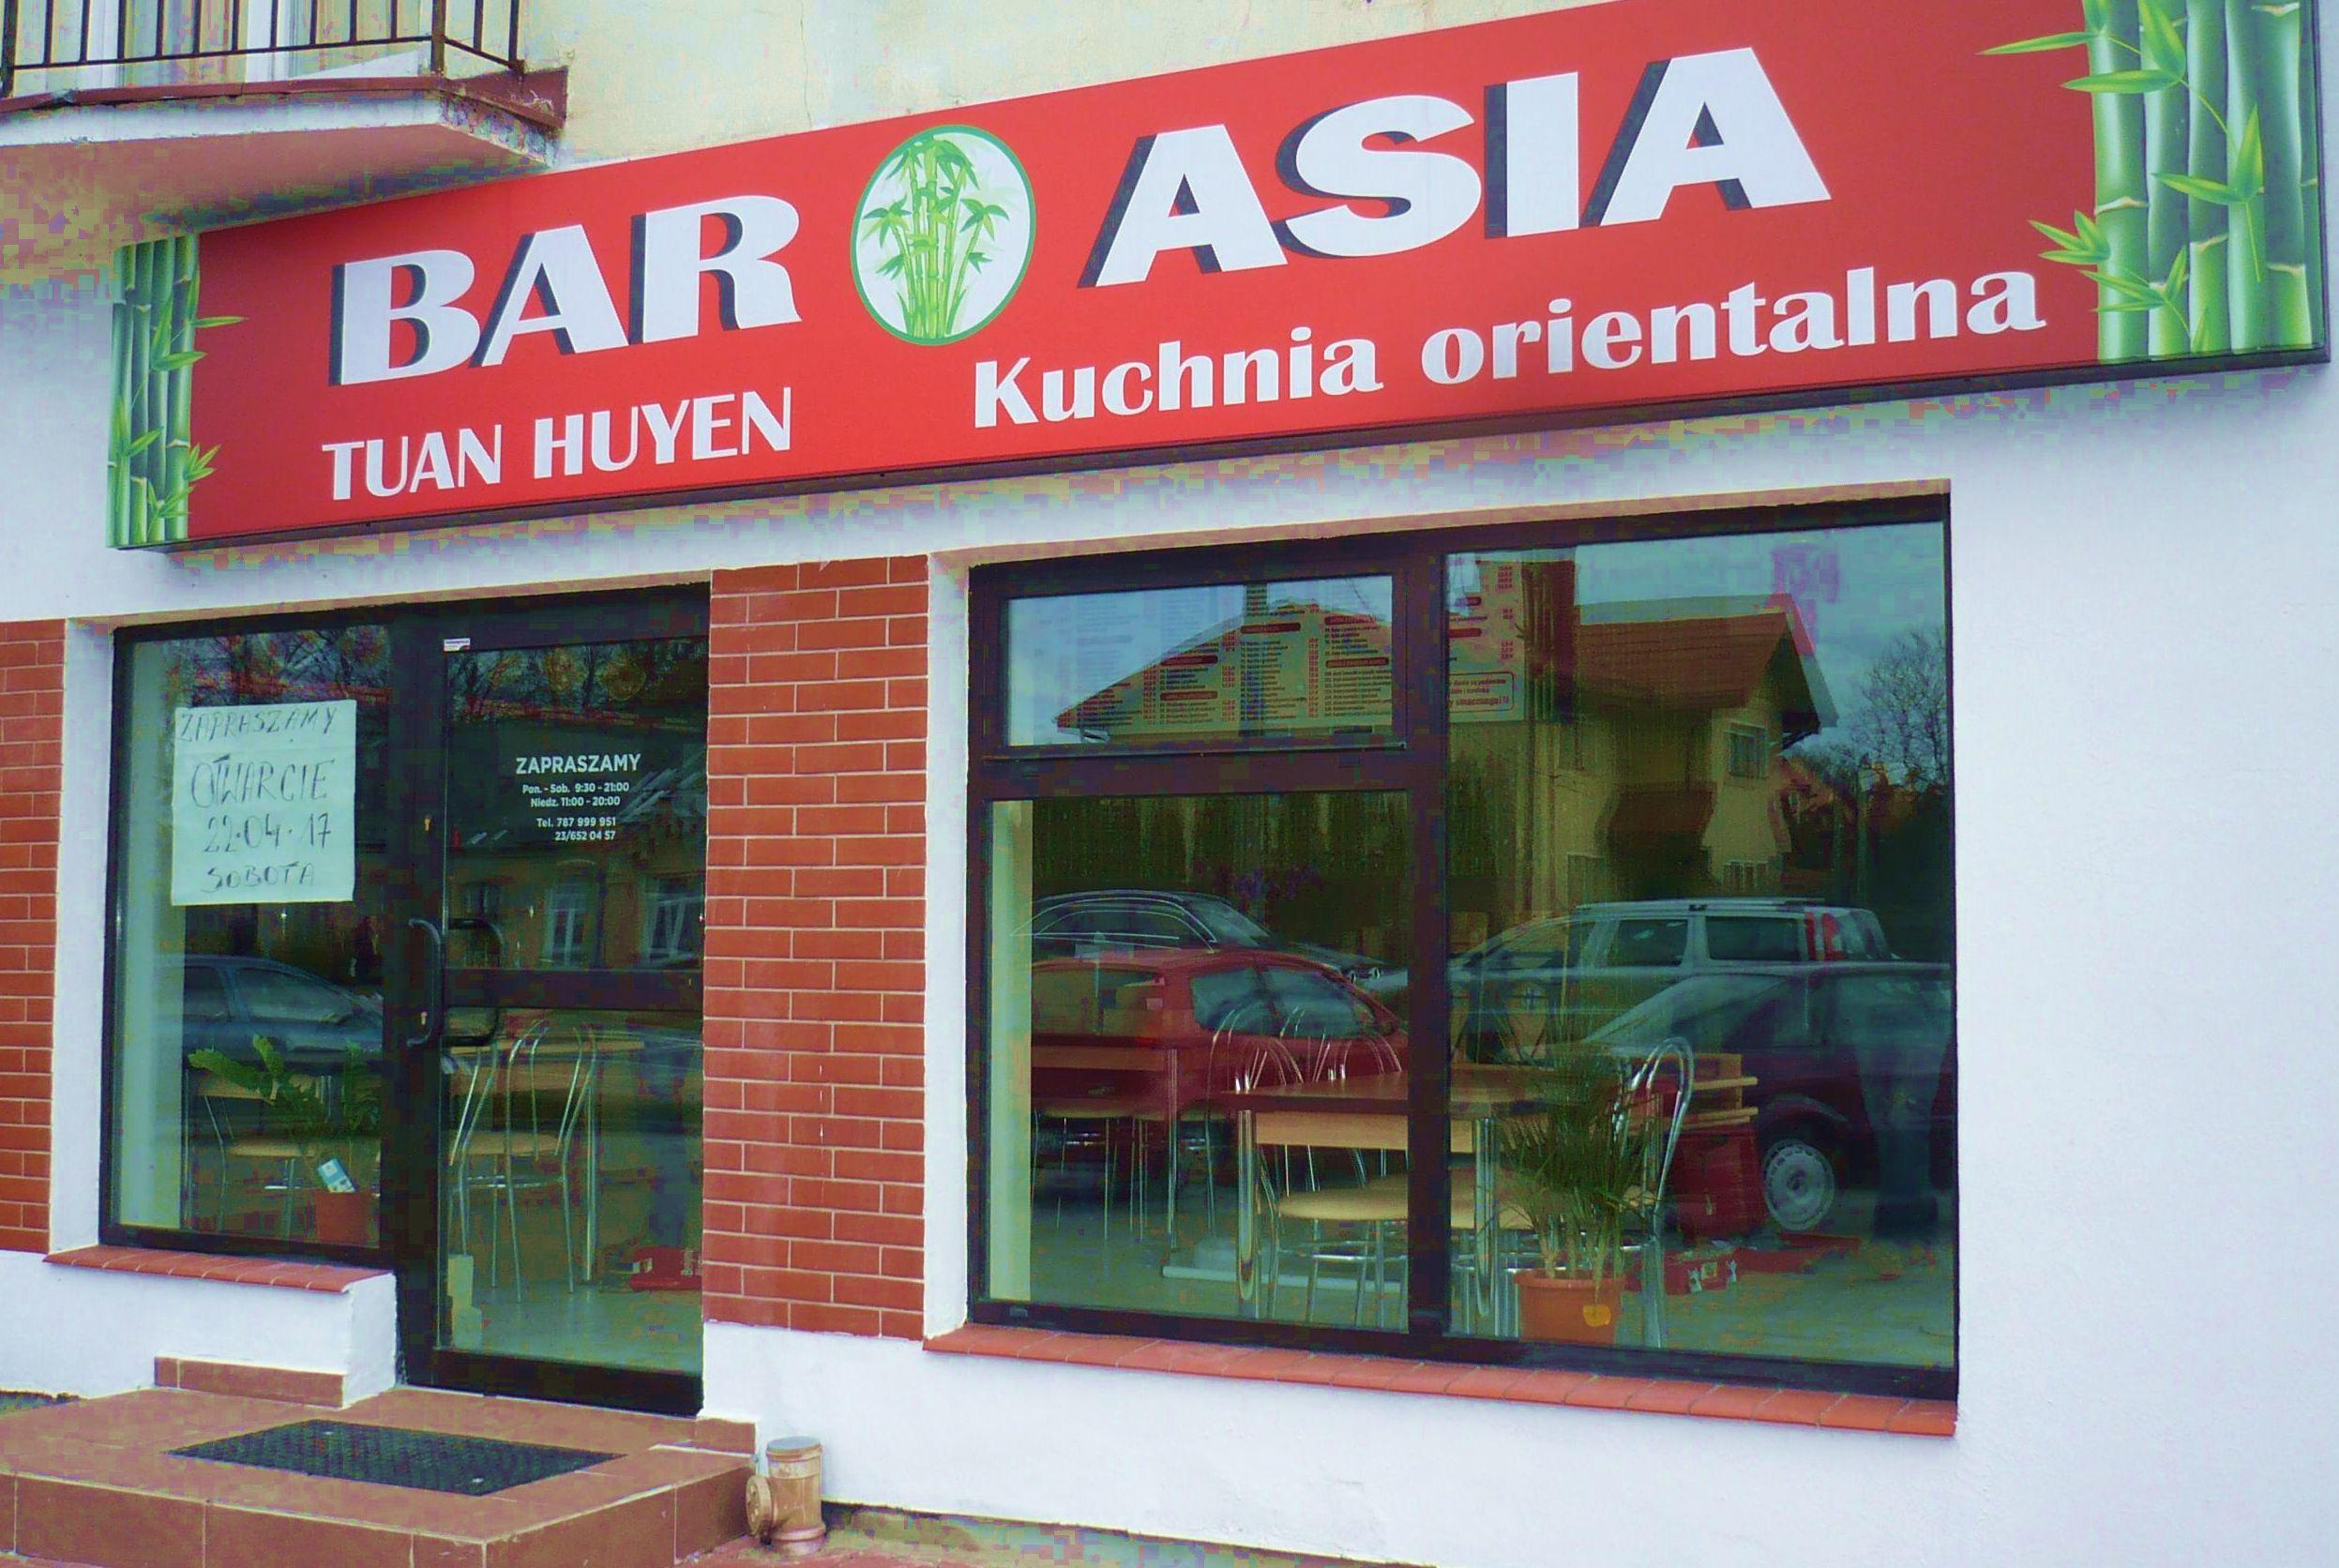 Wielkie Otwarcie Baru Asia Orientalna Kuchnia Na Osiedlu